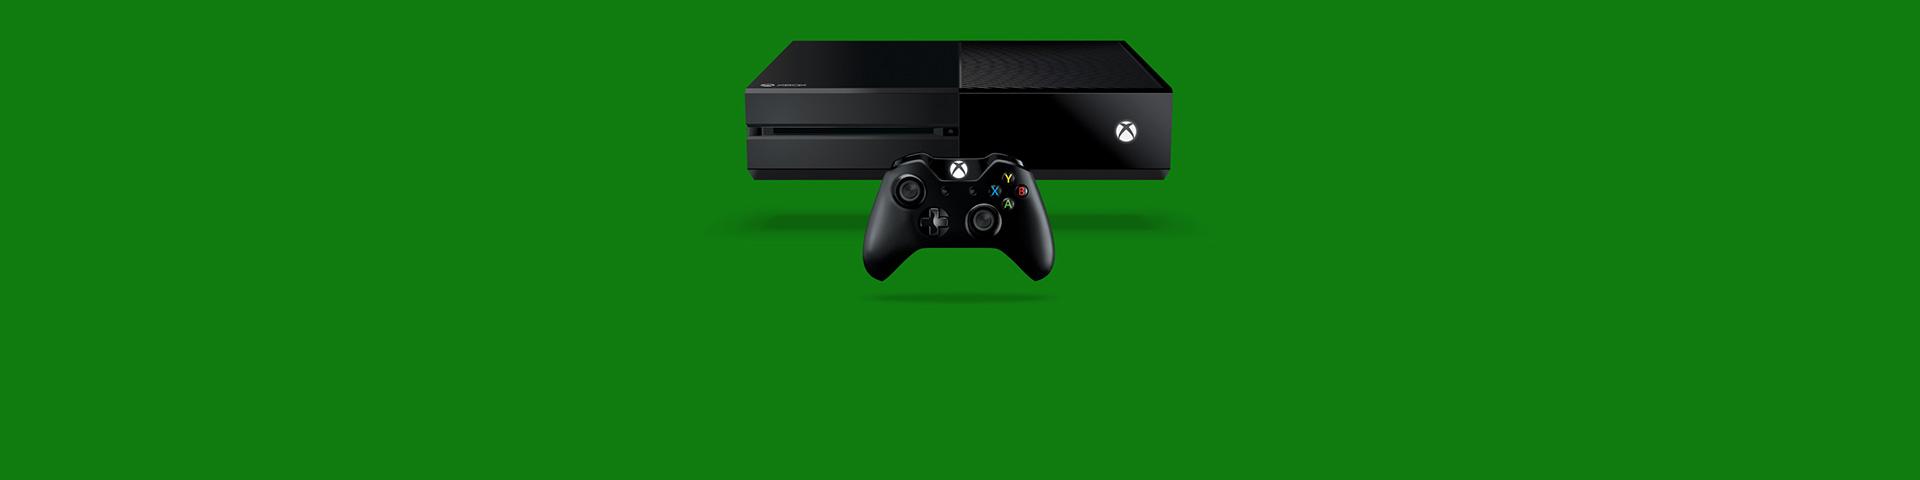 Xbox One konzol és kontroller